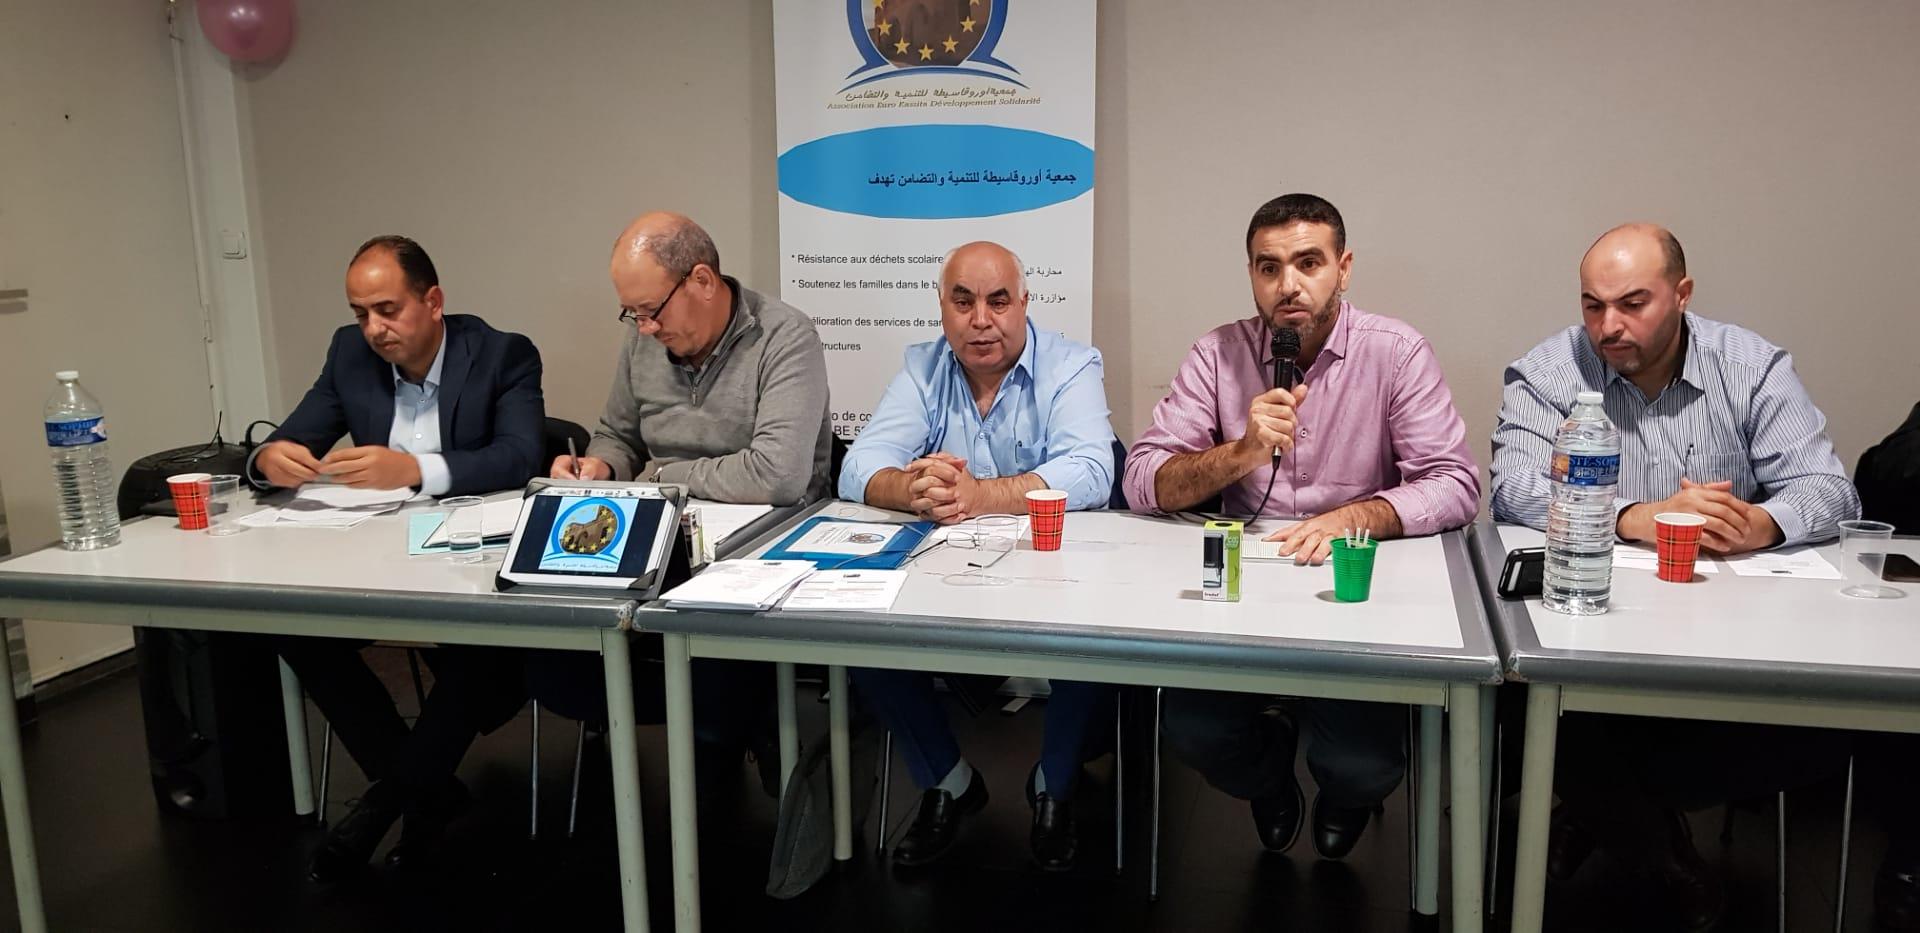 جمعية أورو قاسيطة للتنمية والتضامن ببلجيكا تنظم النسخة الأولى للملتقى اﻷوروبي للتواصل